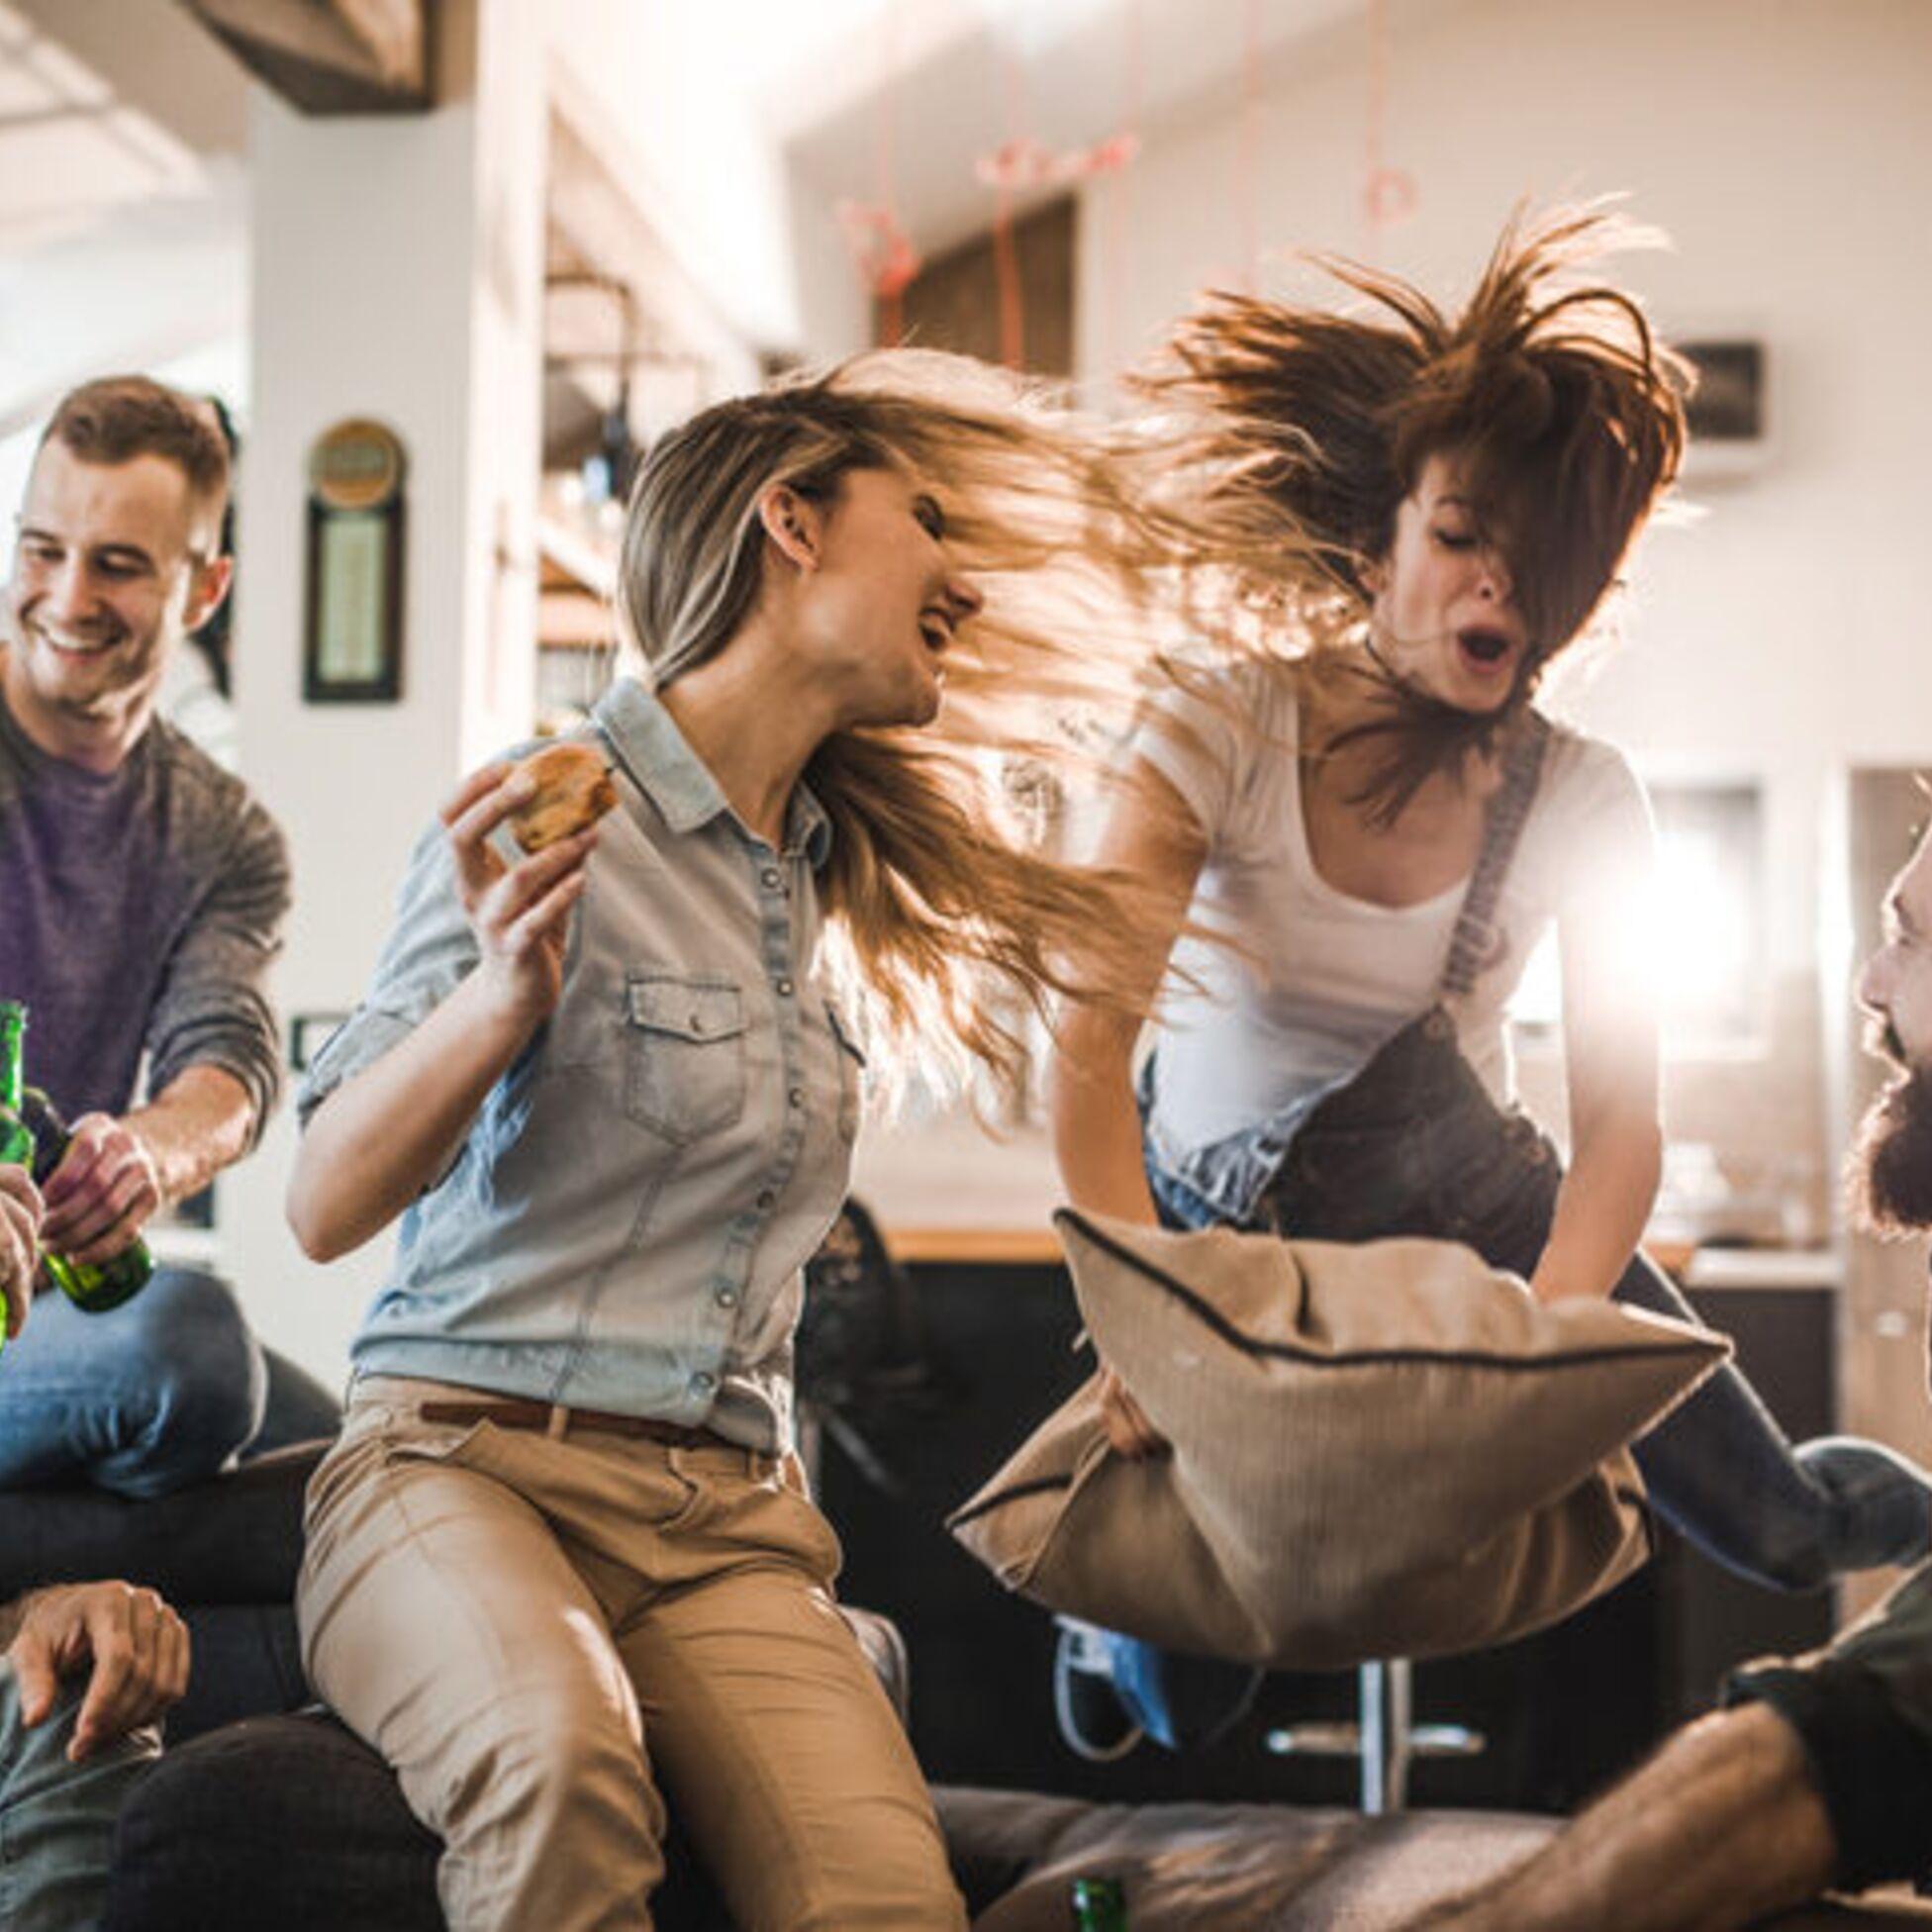 Junge Leute feiern im Wohnzimmer